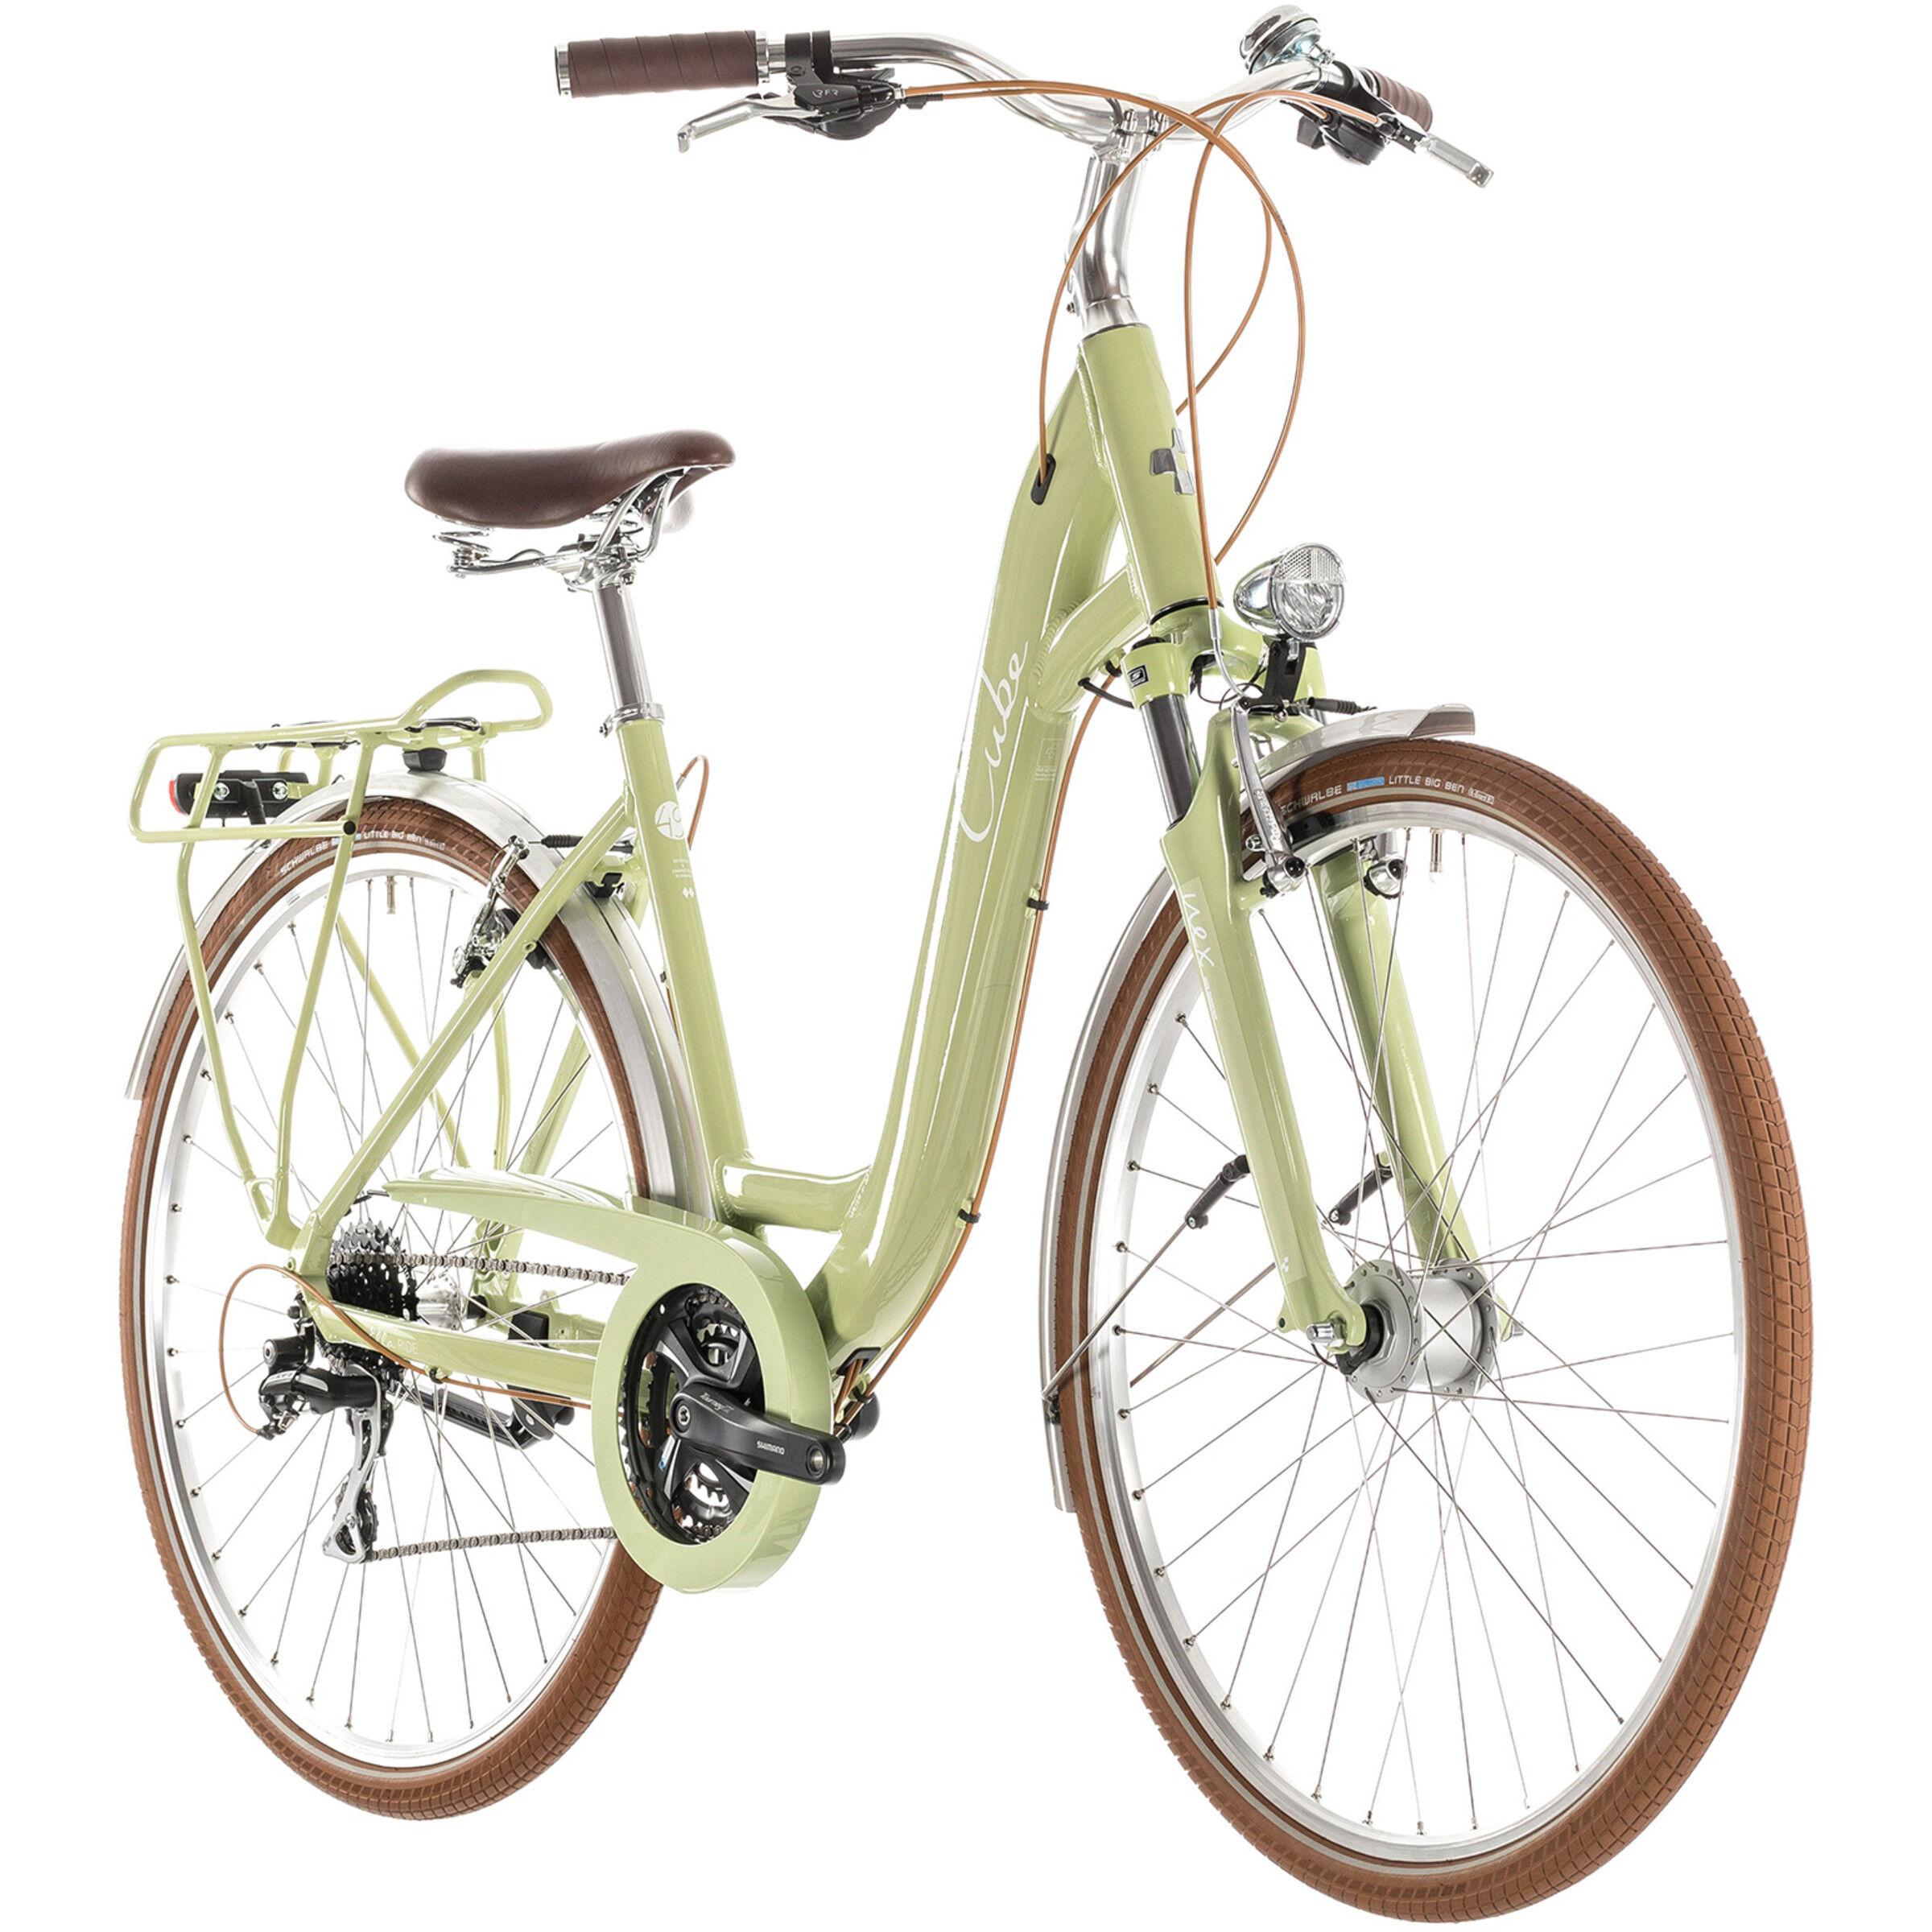 Damen Fahrrad Kalkhoff 26 zoll Silber Elektrofahrräder